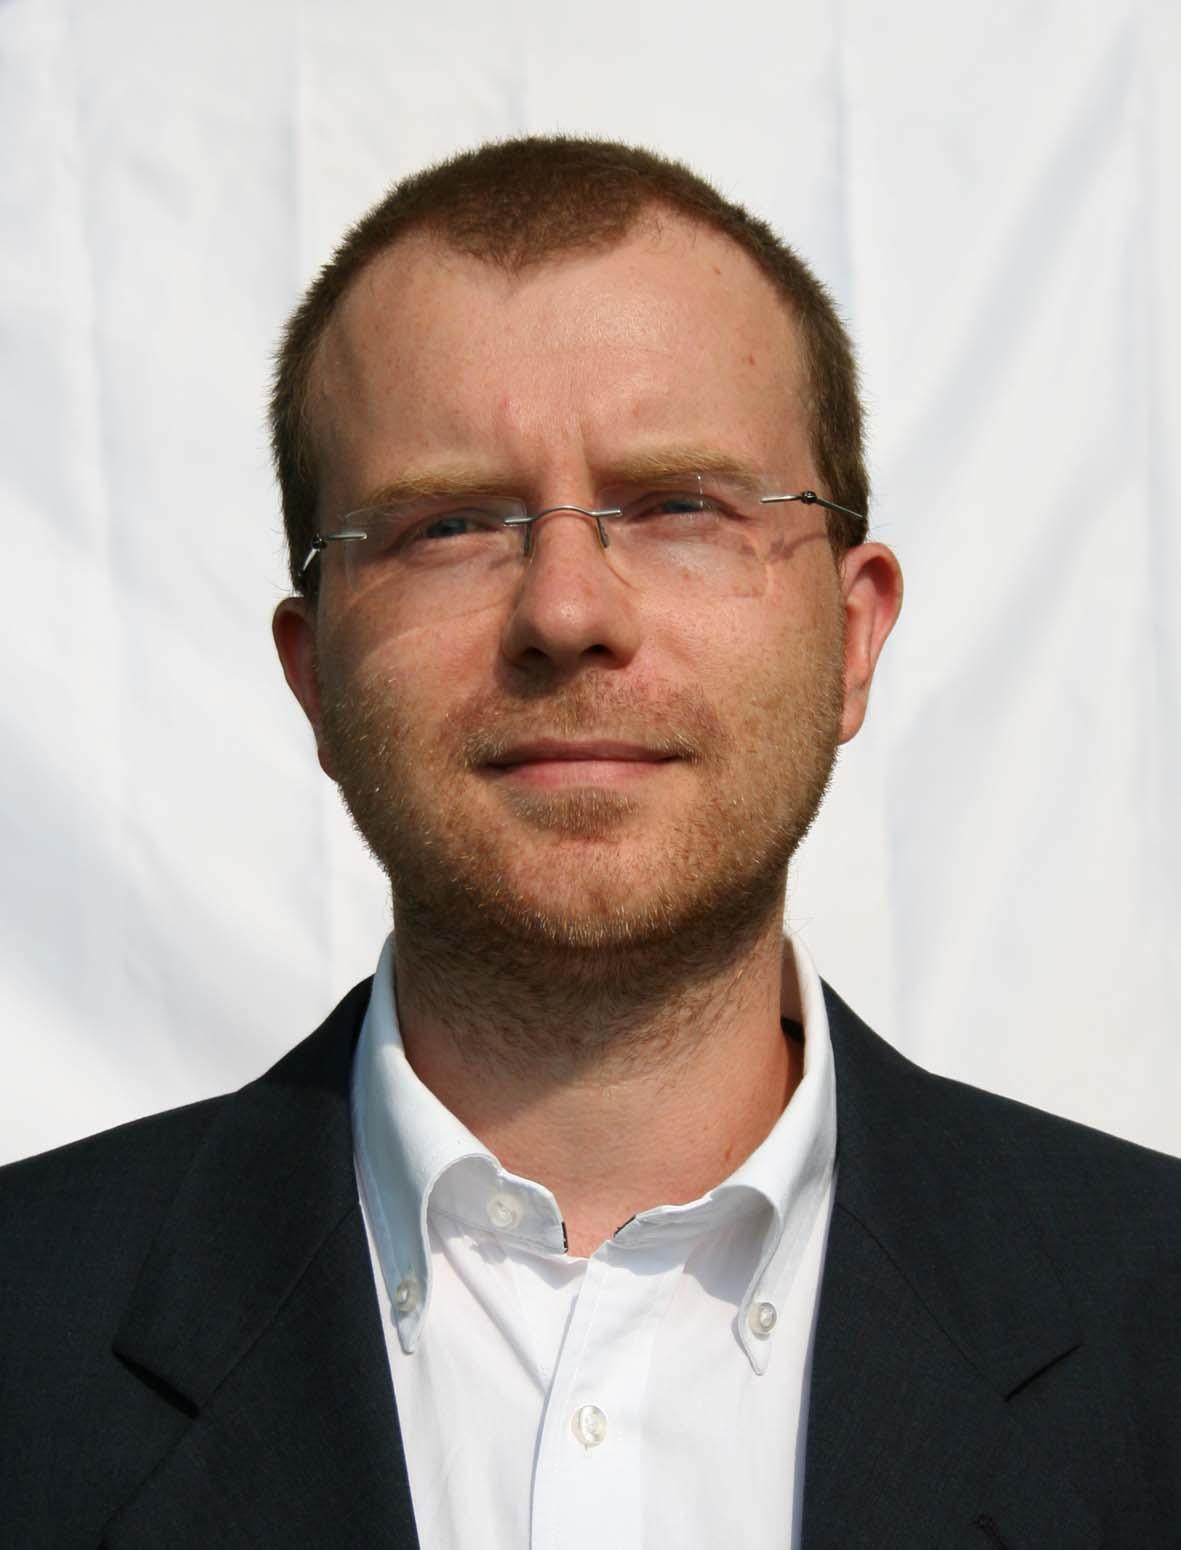 Roland Russwurm, Geschäftsführer, Andtek GmbH, Hallbergmoss